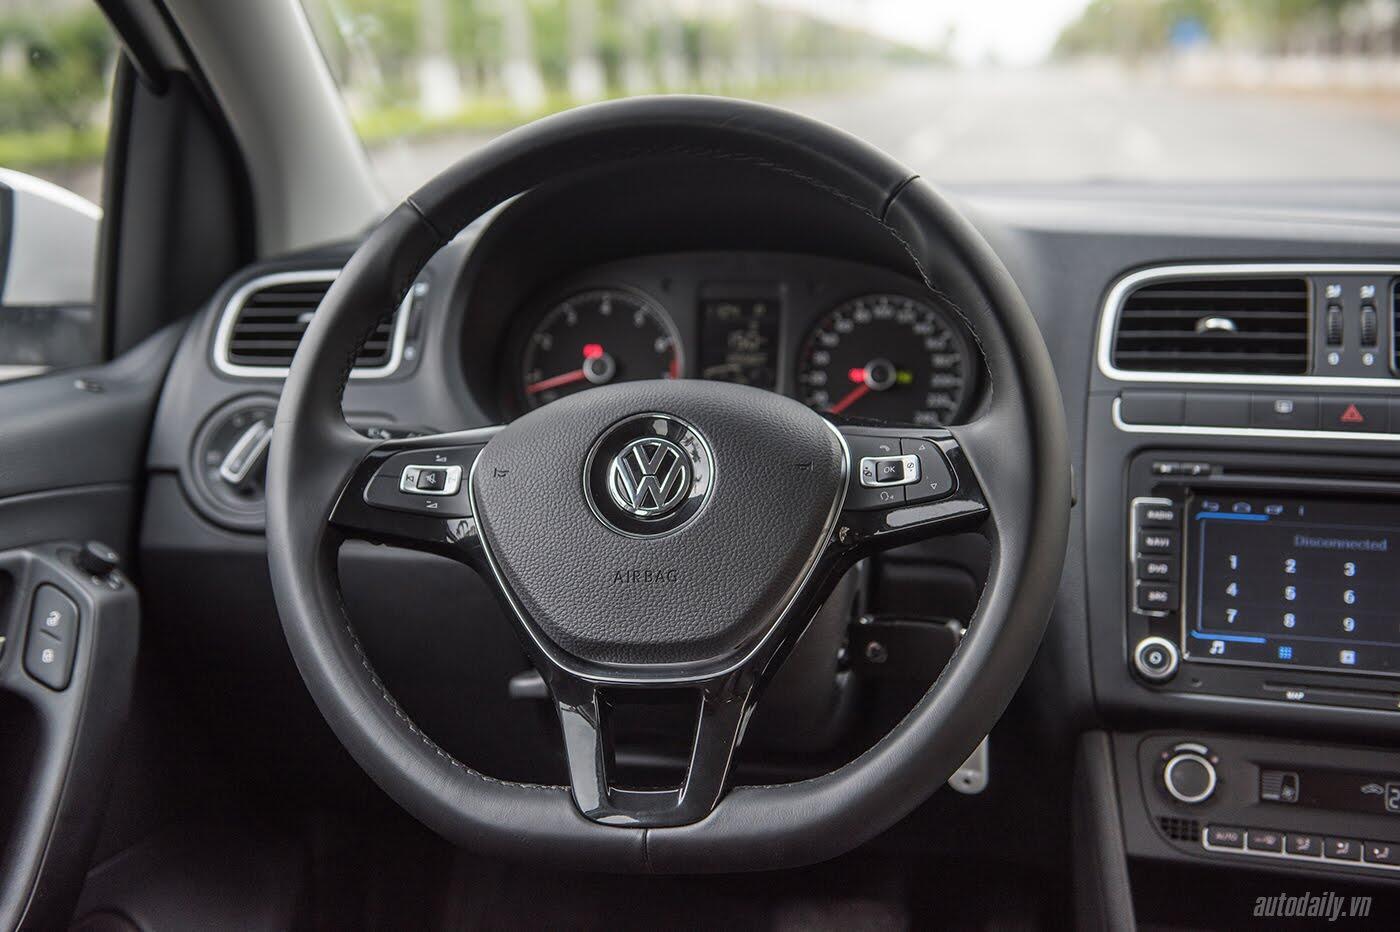 Đánh giá Volkswagen Polo hatchback 2016: Xe cho người thực dụng - Hình 11